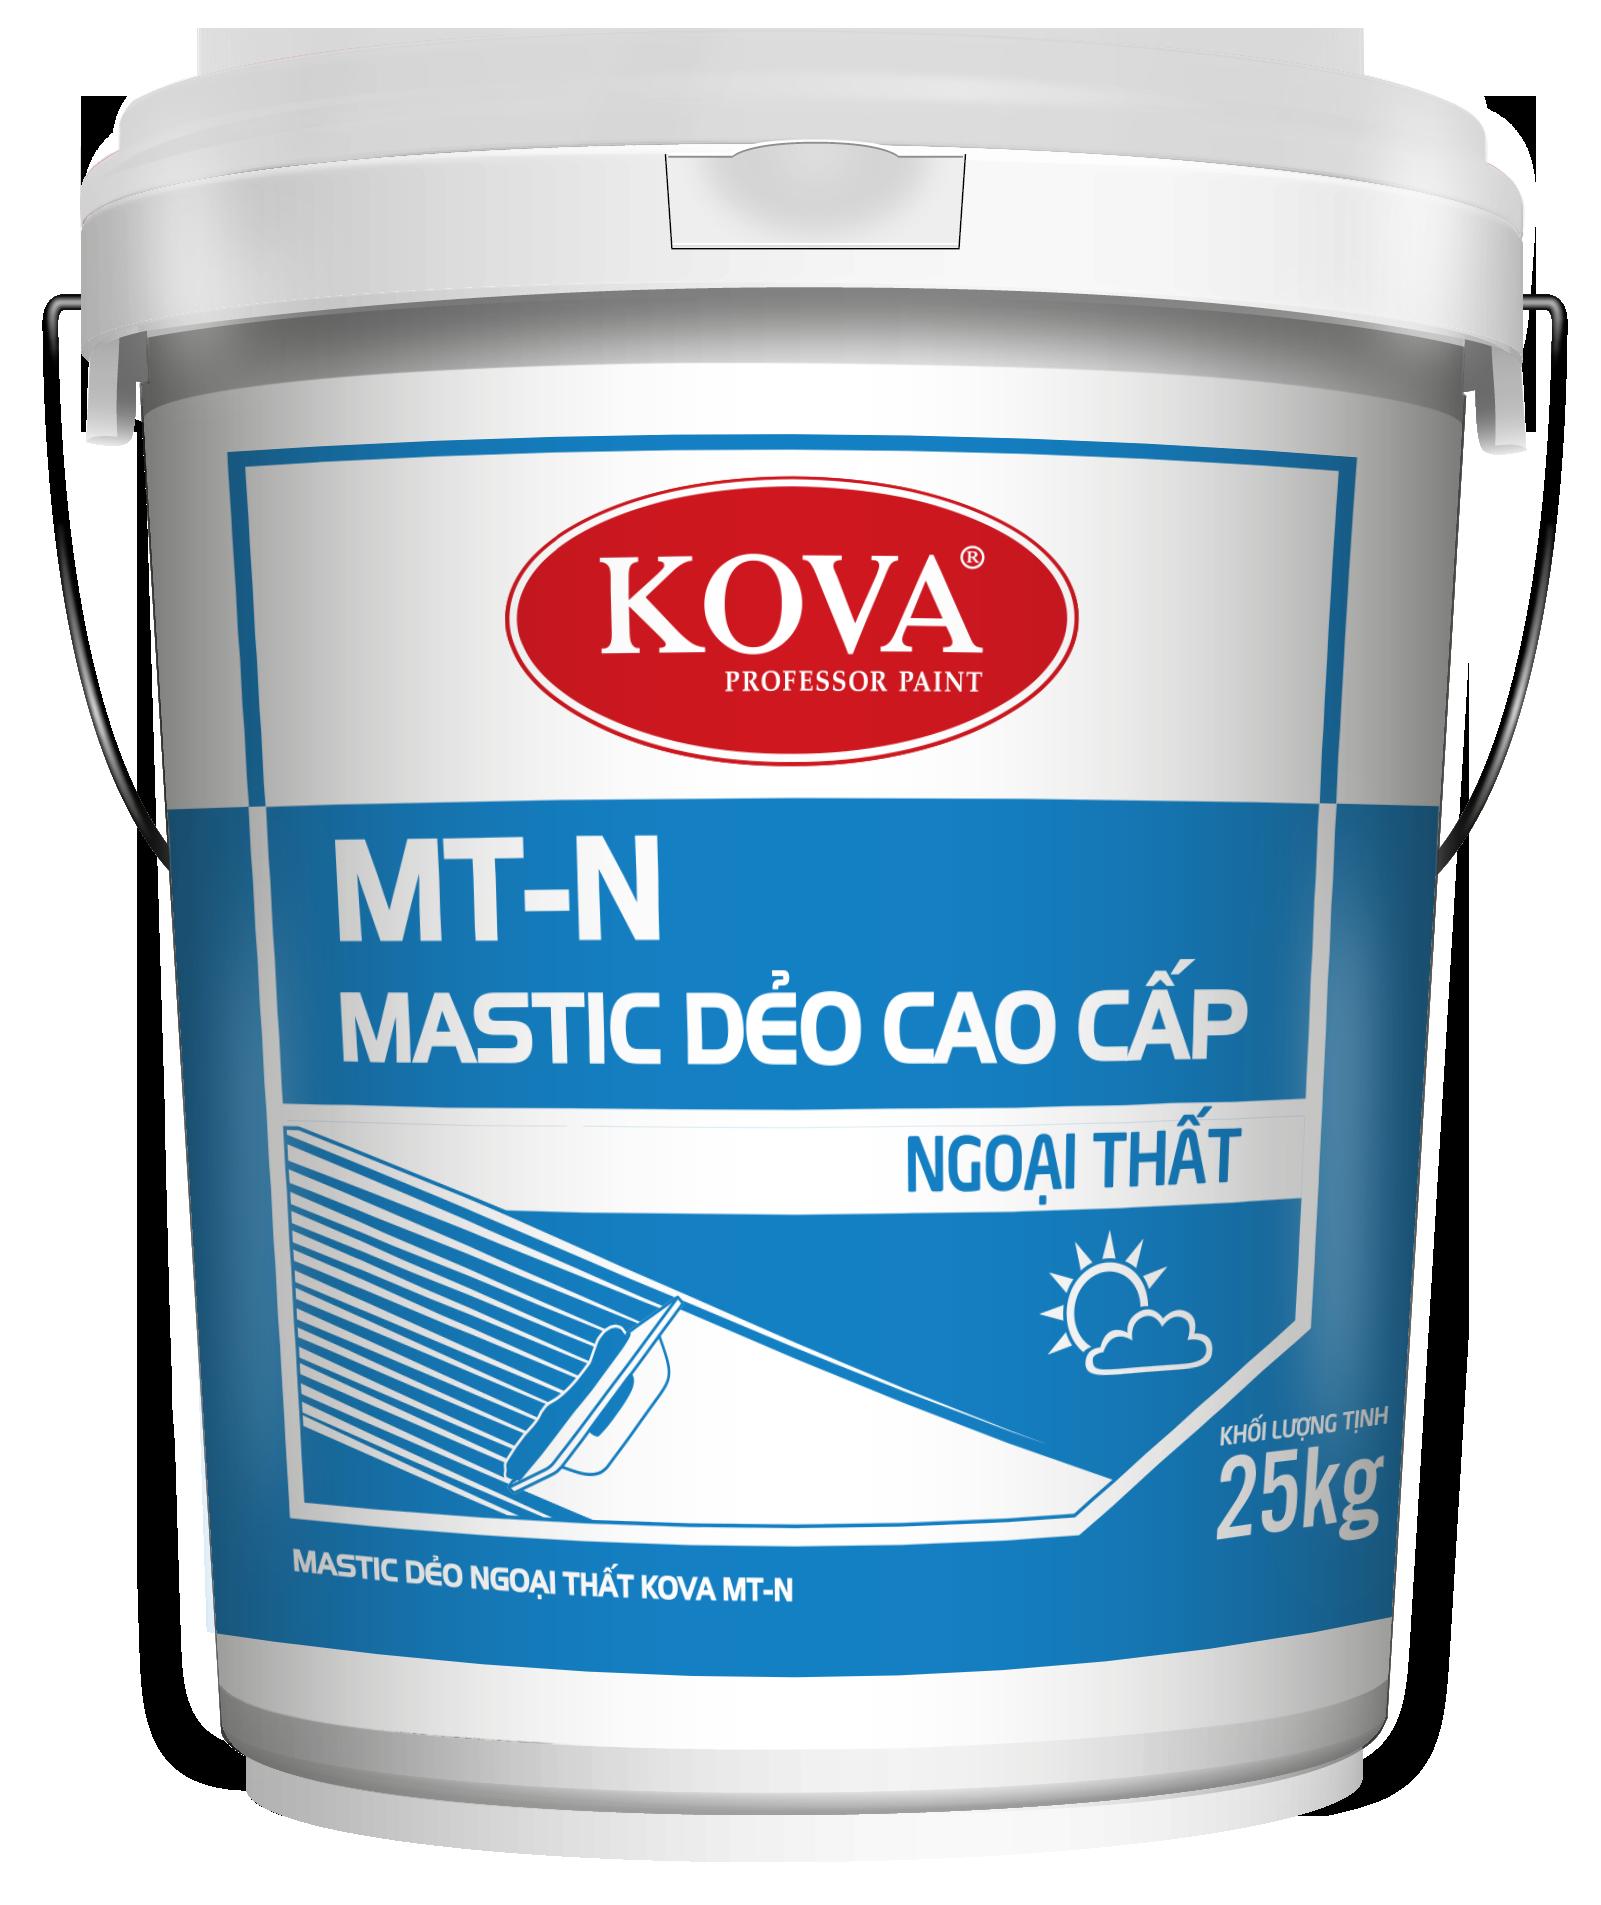 Mastic dẻo ngoại thất Kova MT-N